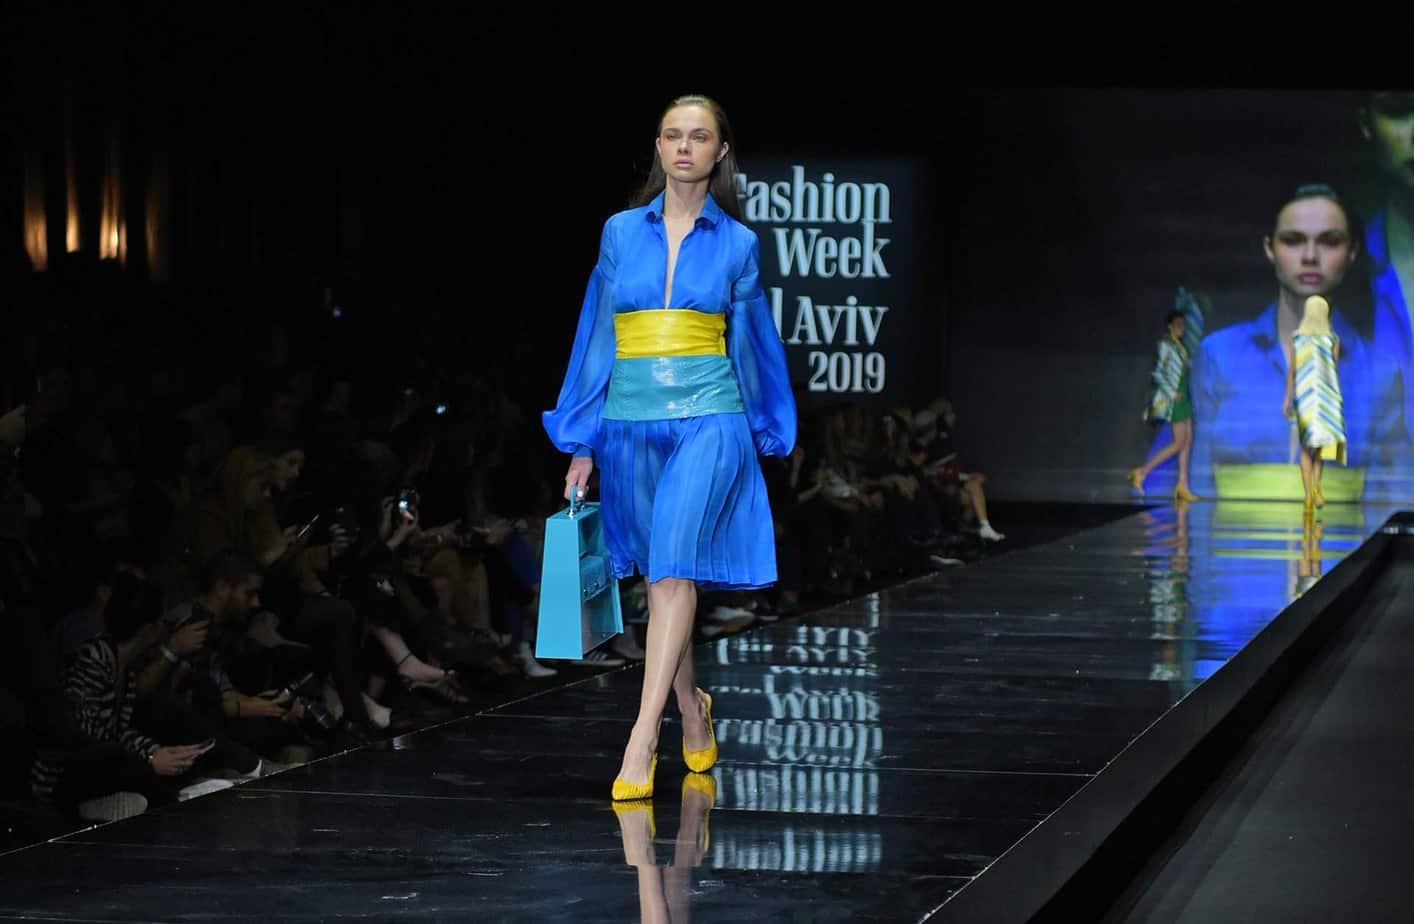 שי שלום. שבוע האופנה תל אביב 2019. צילום סרג'ו סטרודובצב - 5